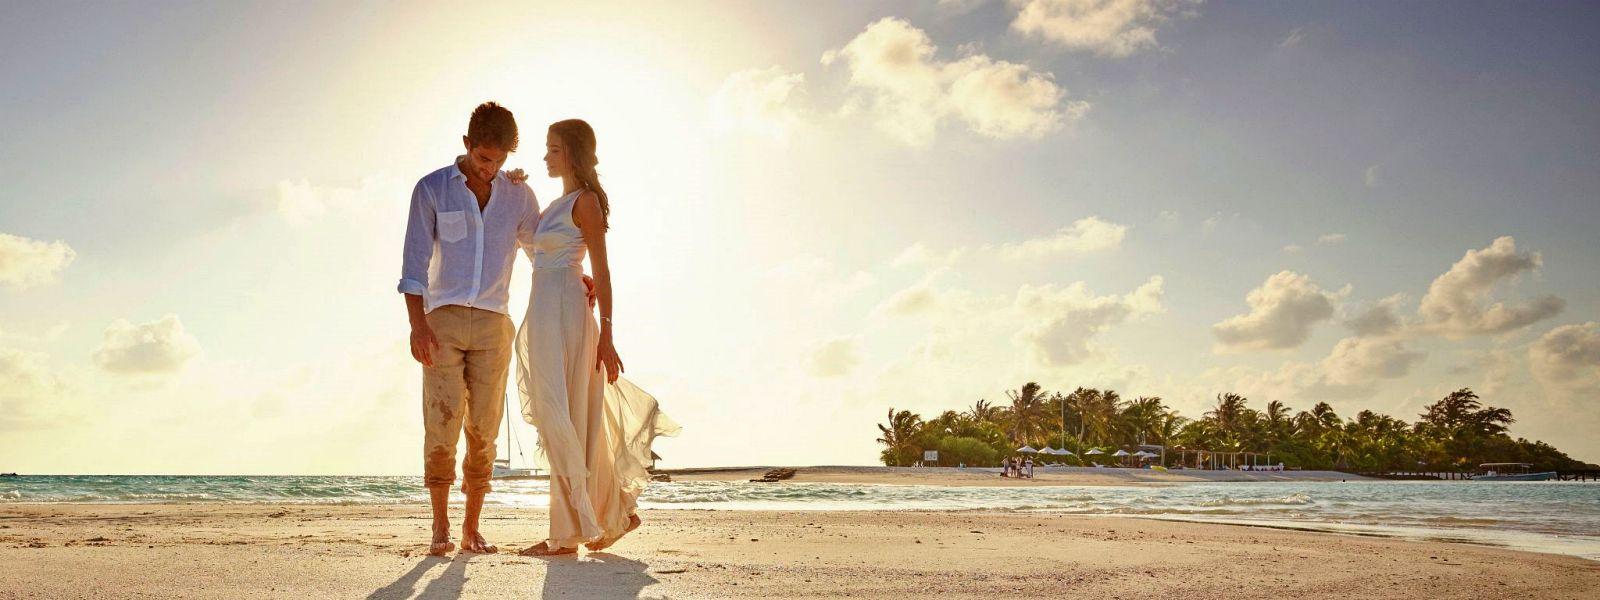 Paar in leichter Brautkleidung auf einer Sandbank auf den Malediven. Kurz bevor die Sonne untergeht